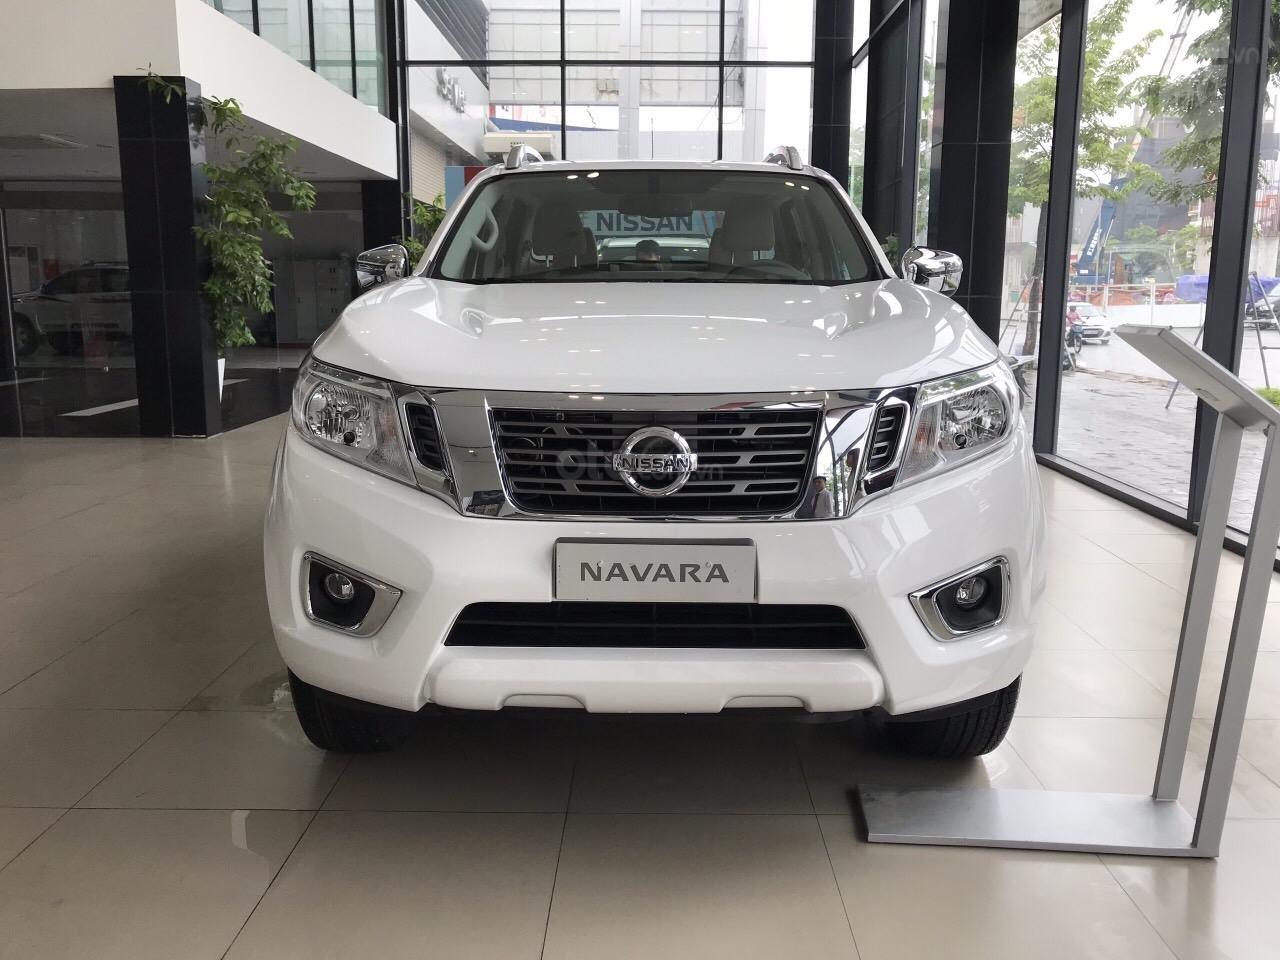 Cần bán Nissan Navara EL All New năm 2019, màu trắng, nhập khẩu, giá chỉ 624 triệu (1)